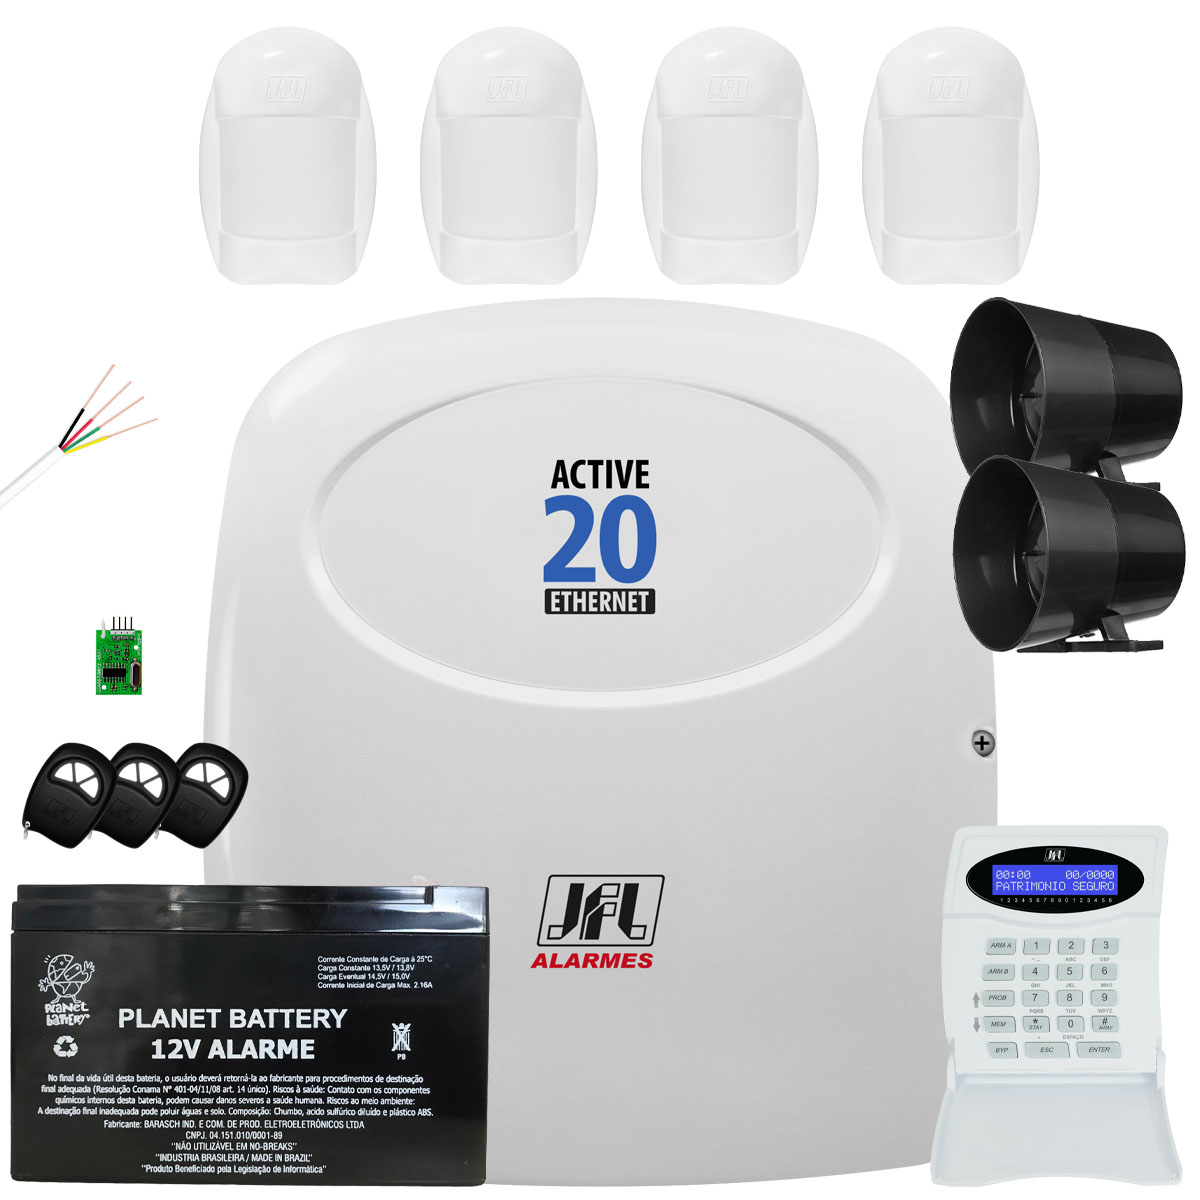 Kit Alarme Active 20 Ethernet Jfl Sensores Idx 1001 Jfl